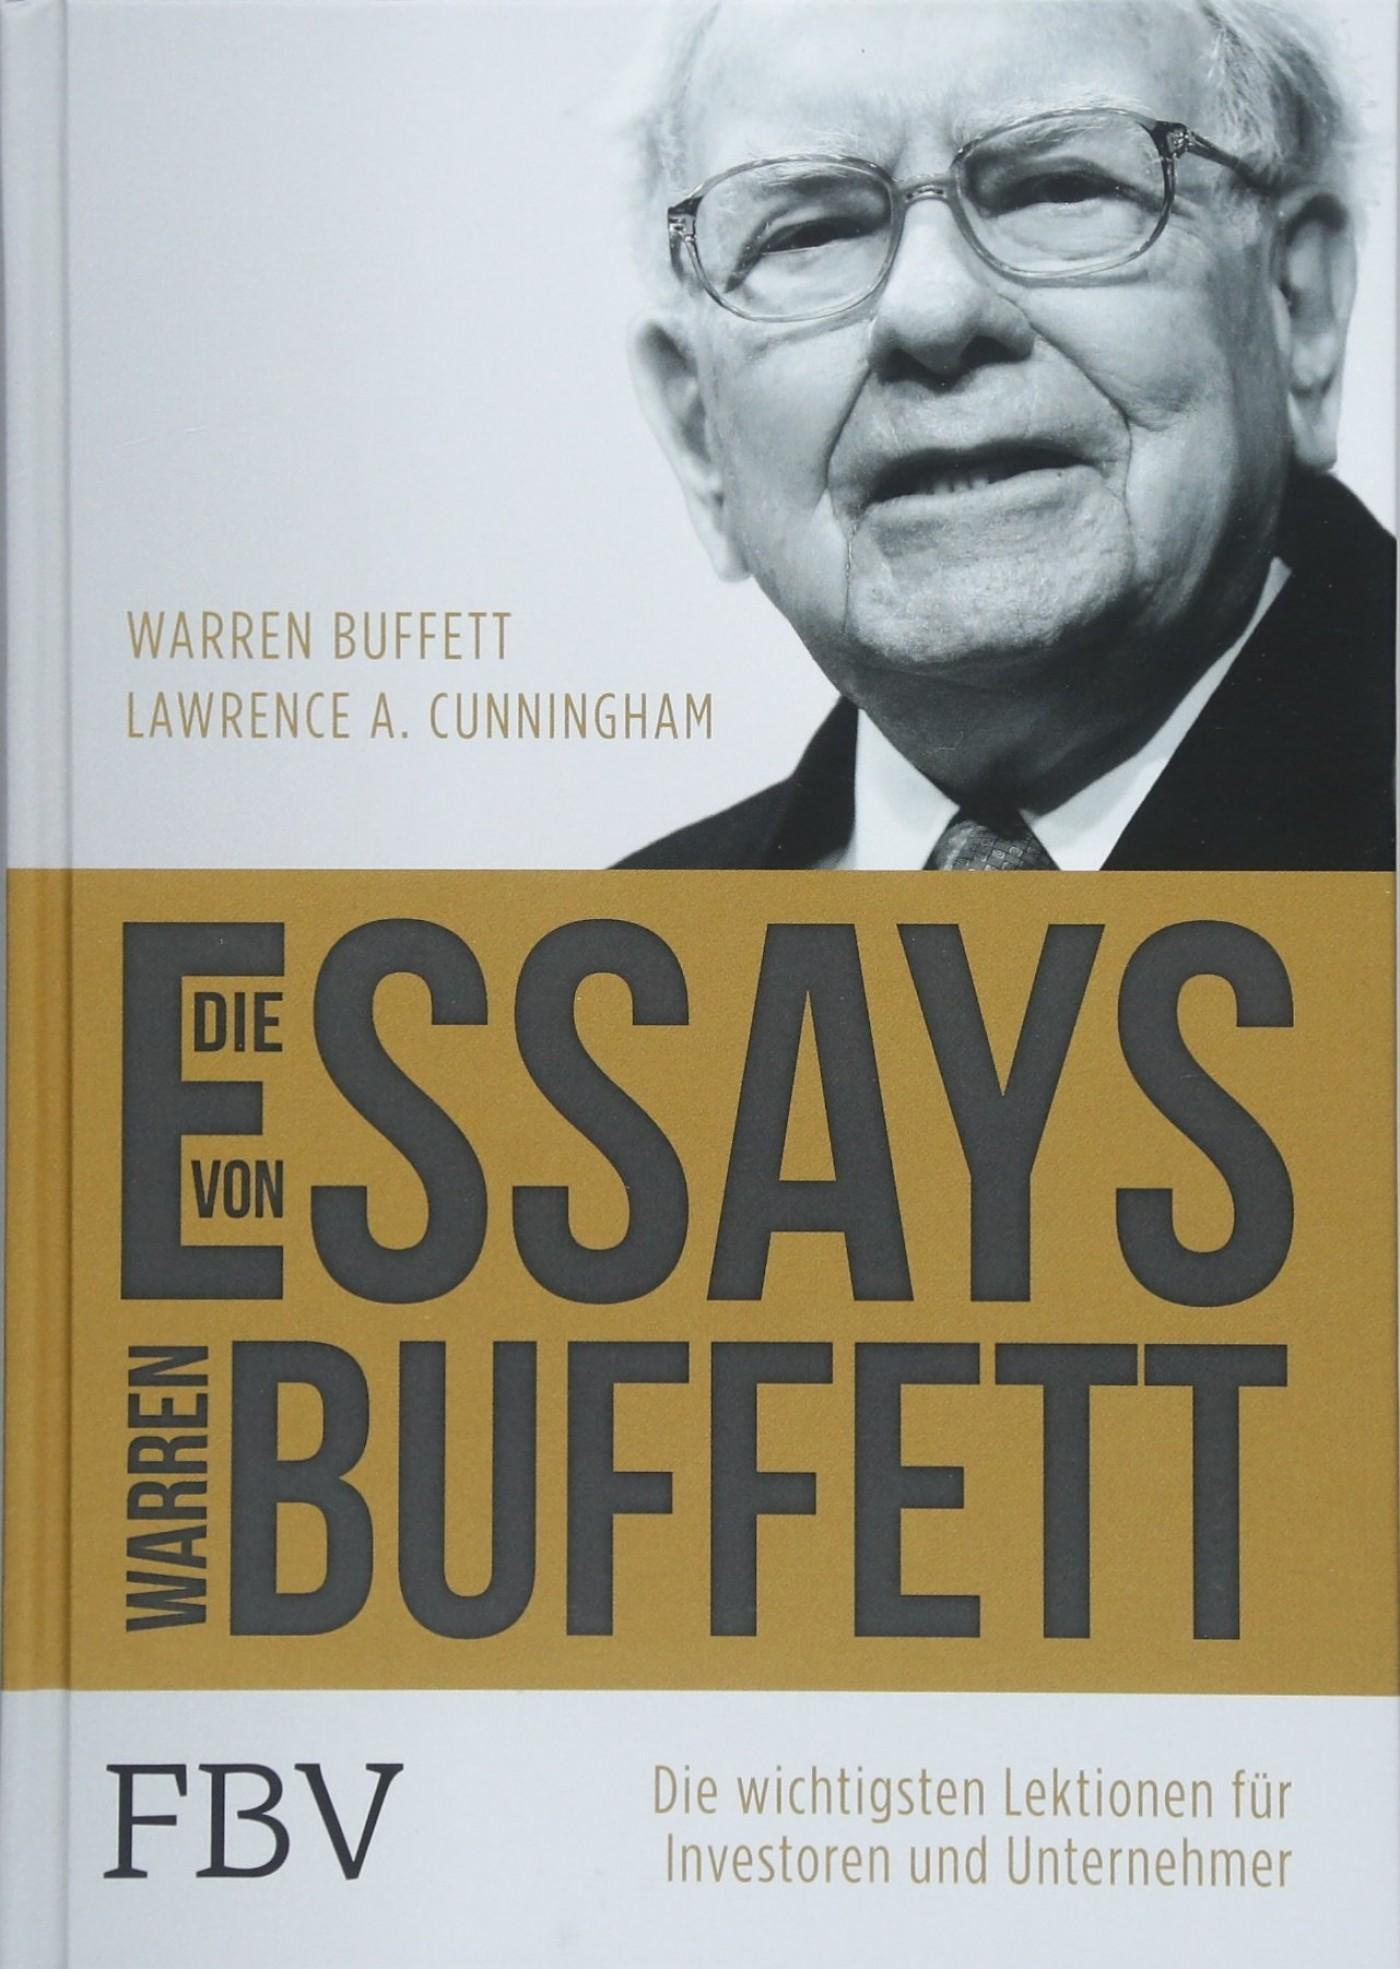 001 Essay Example 81hgobz2bc1l Die Essays Von Warren Archaicawful Buffett Das Buch Für Investoren Und Unternehmer Pdf 1400